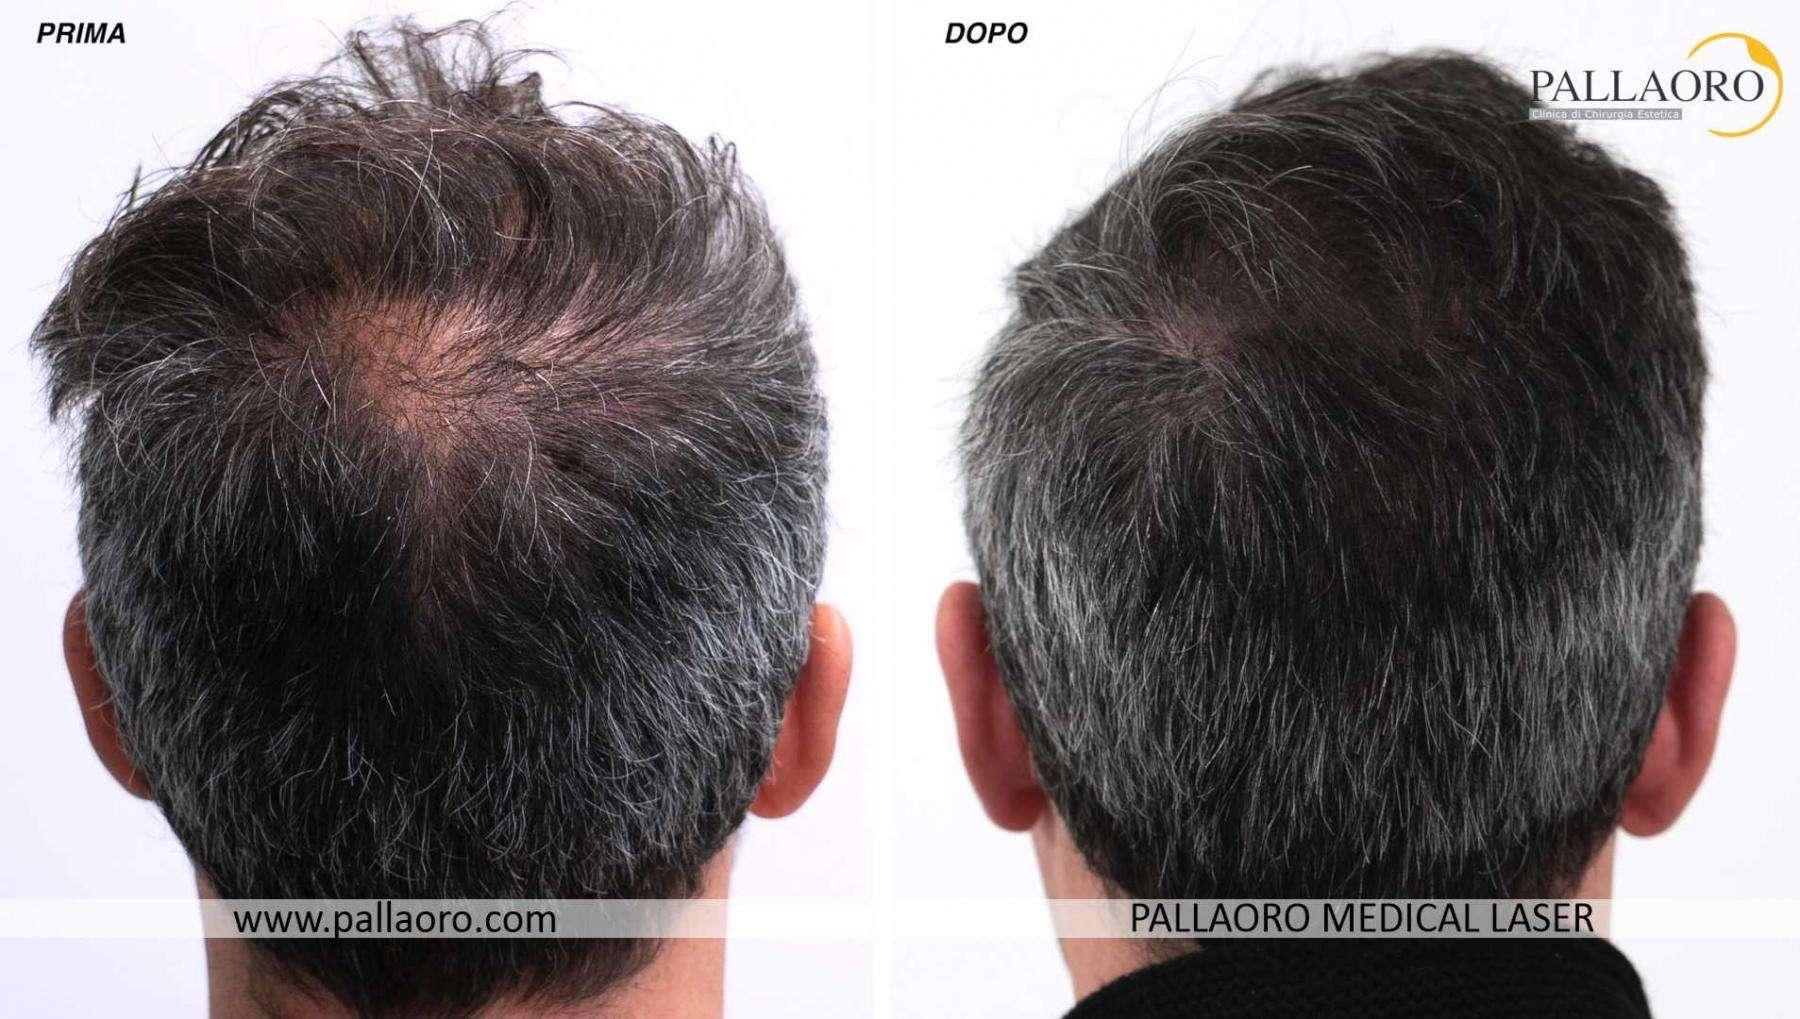 trapianto capelli 2021 08 b davide